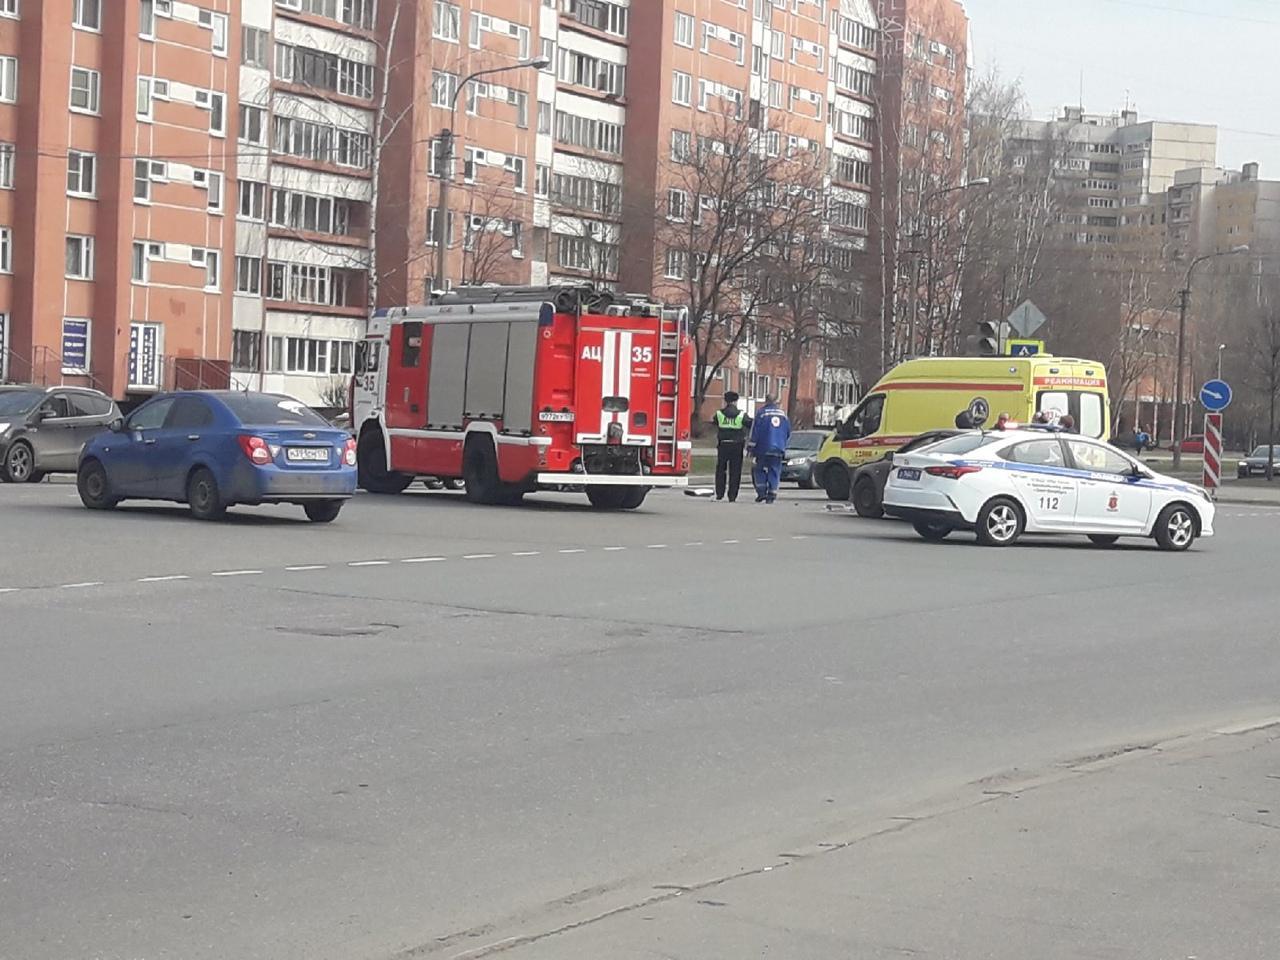 Две легковушки столкнулись на перекрестке Маршала Захарова и Кузнецова. Службы на месте